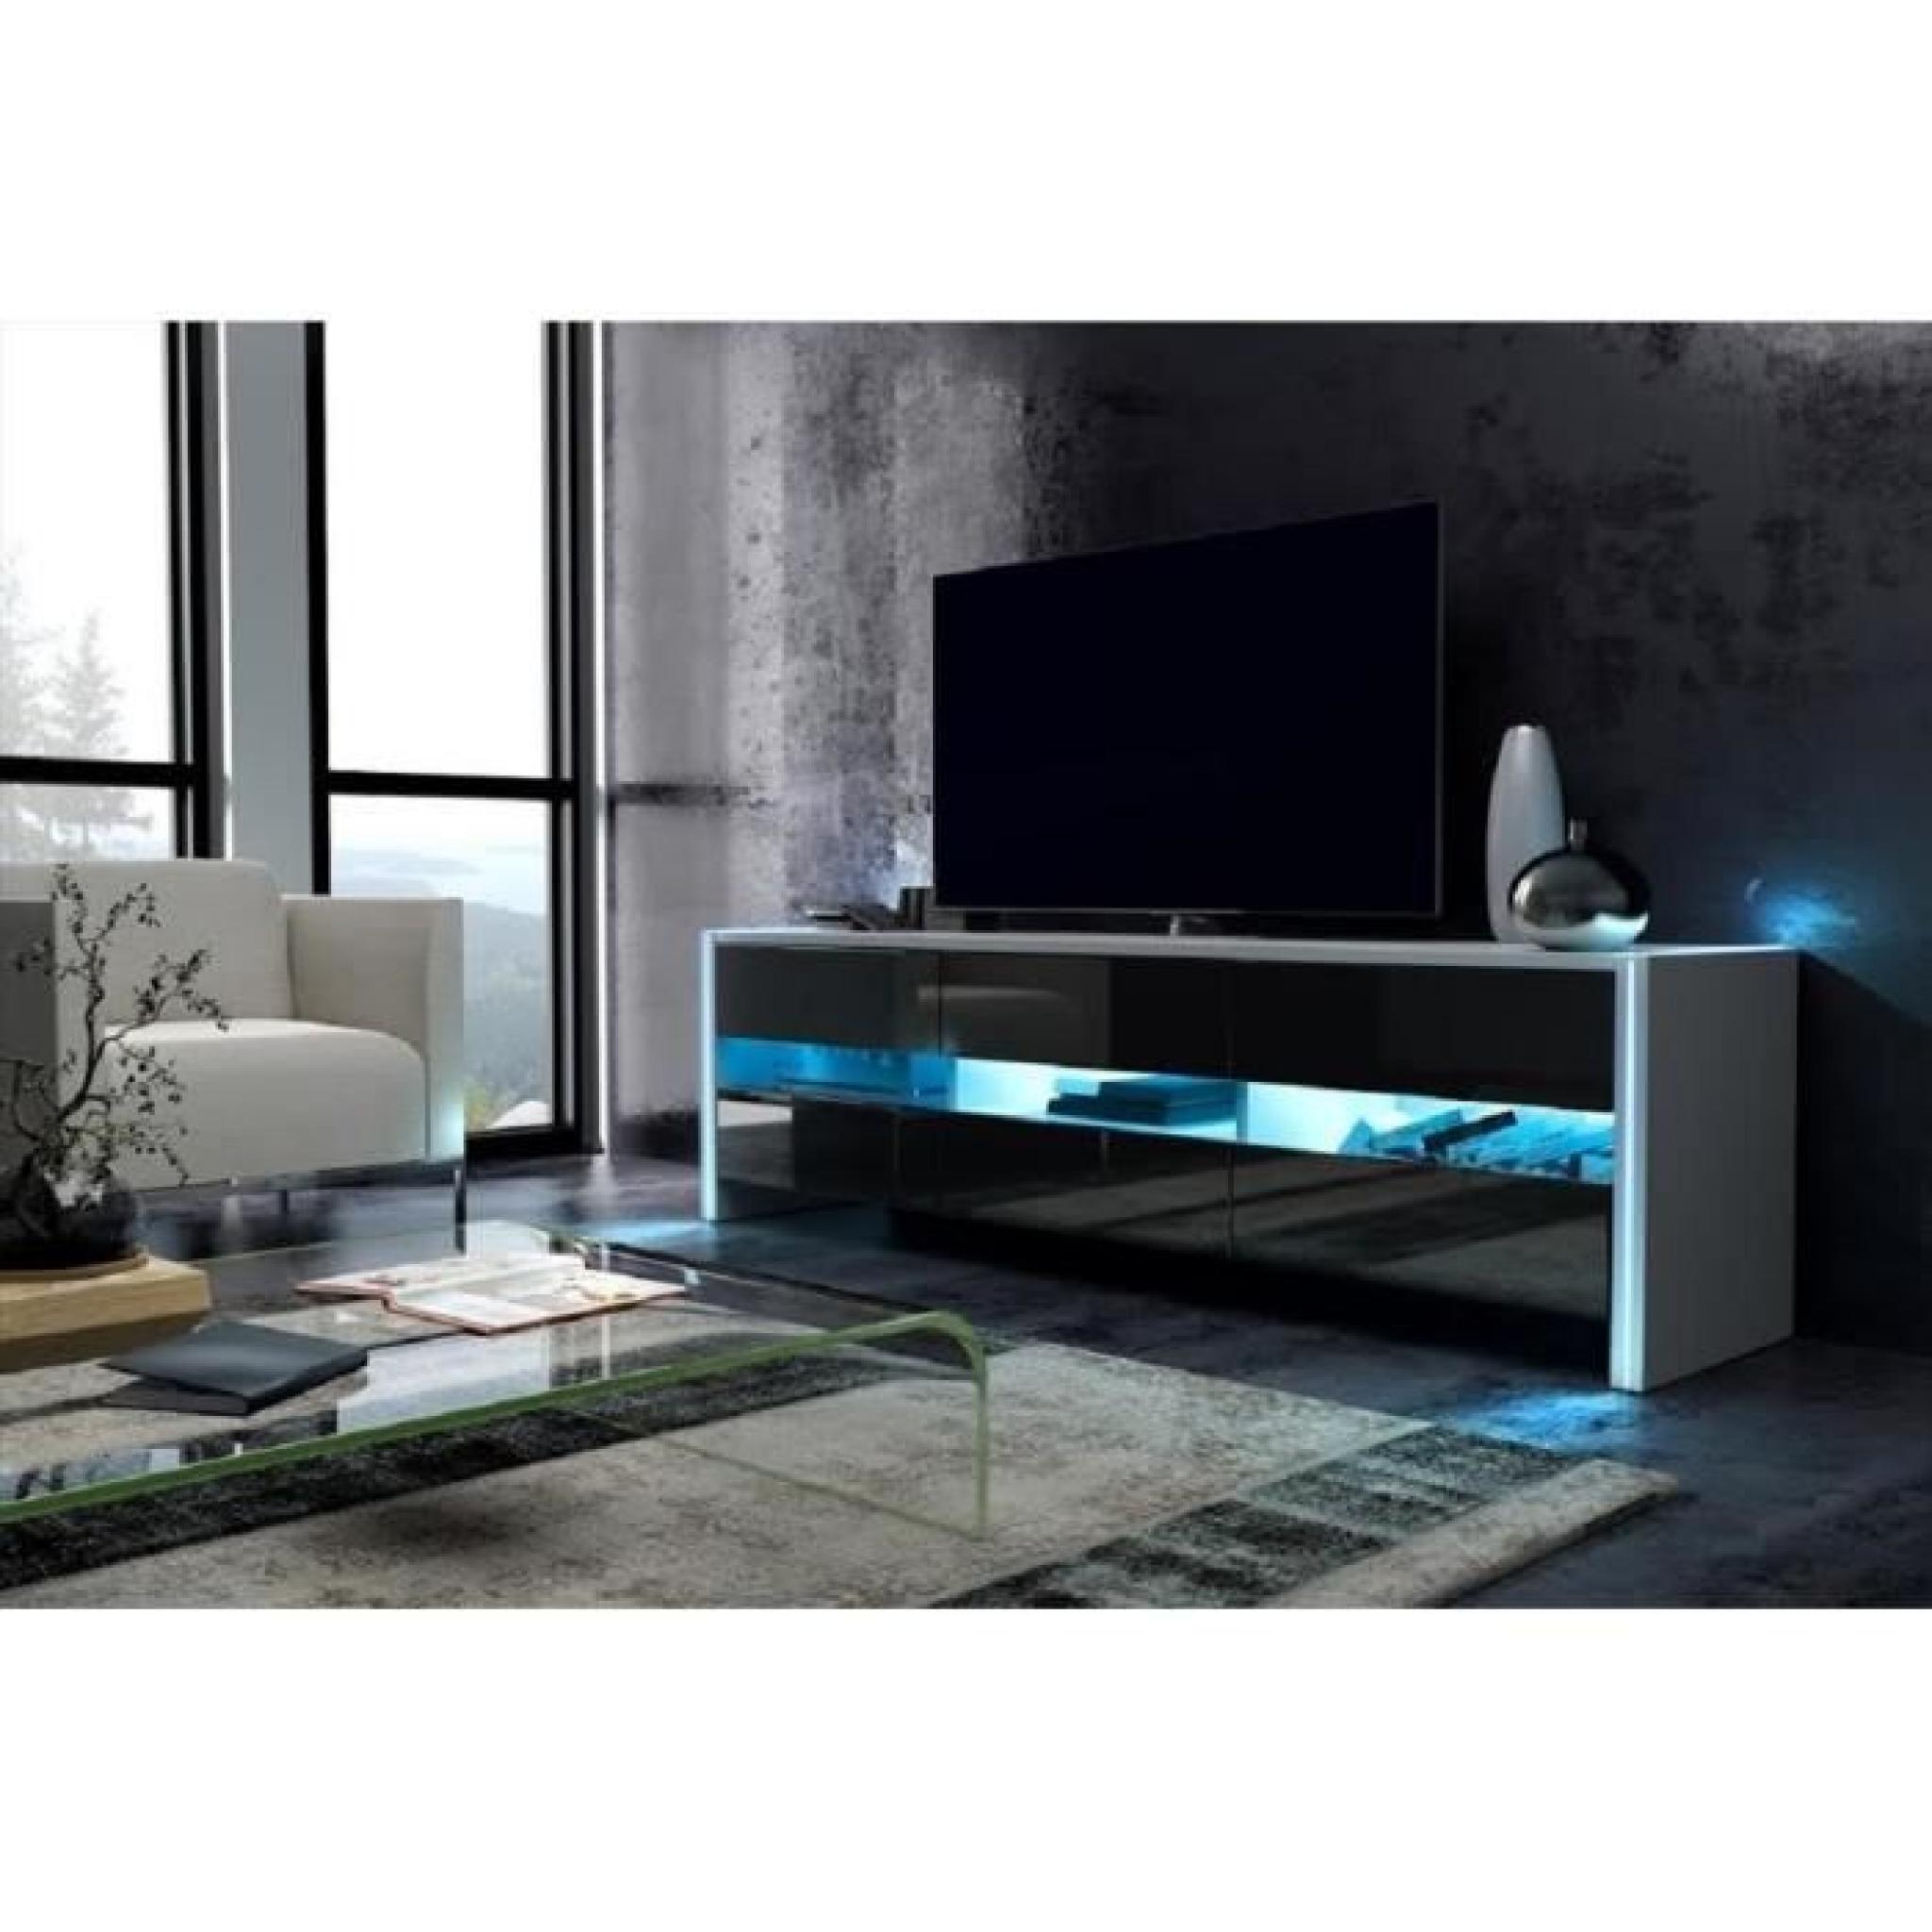 Cabinet Rtv Roche Blanc Mat Noir Brillant Avec Led Achat Vente  # Meuble Tv Avec Led